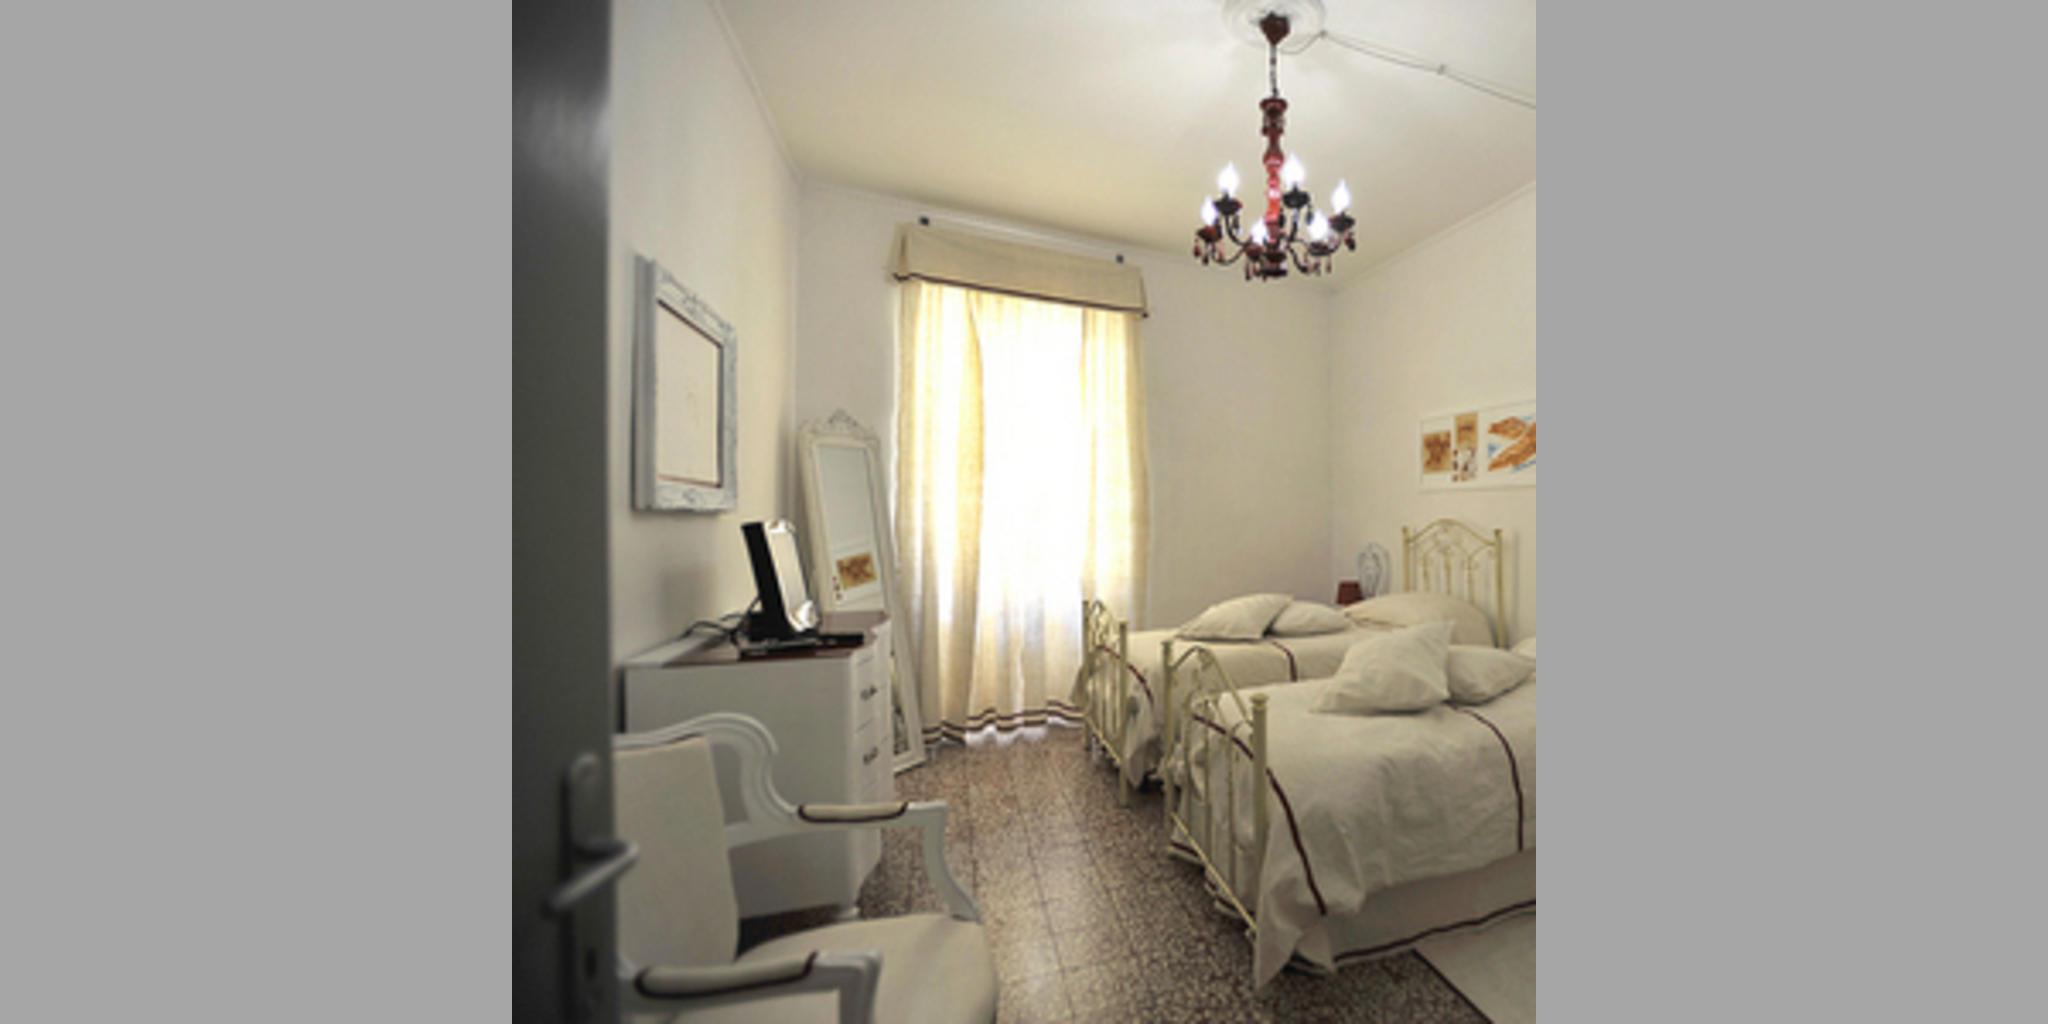 Bed & Breakfast Villa San Giovanni In Tuscia - Tuscia _ Villa San Giovanni